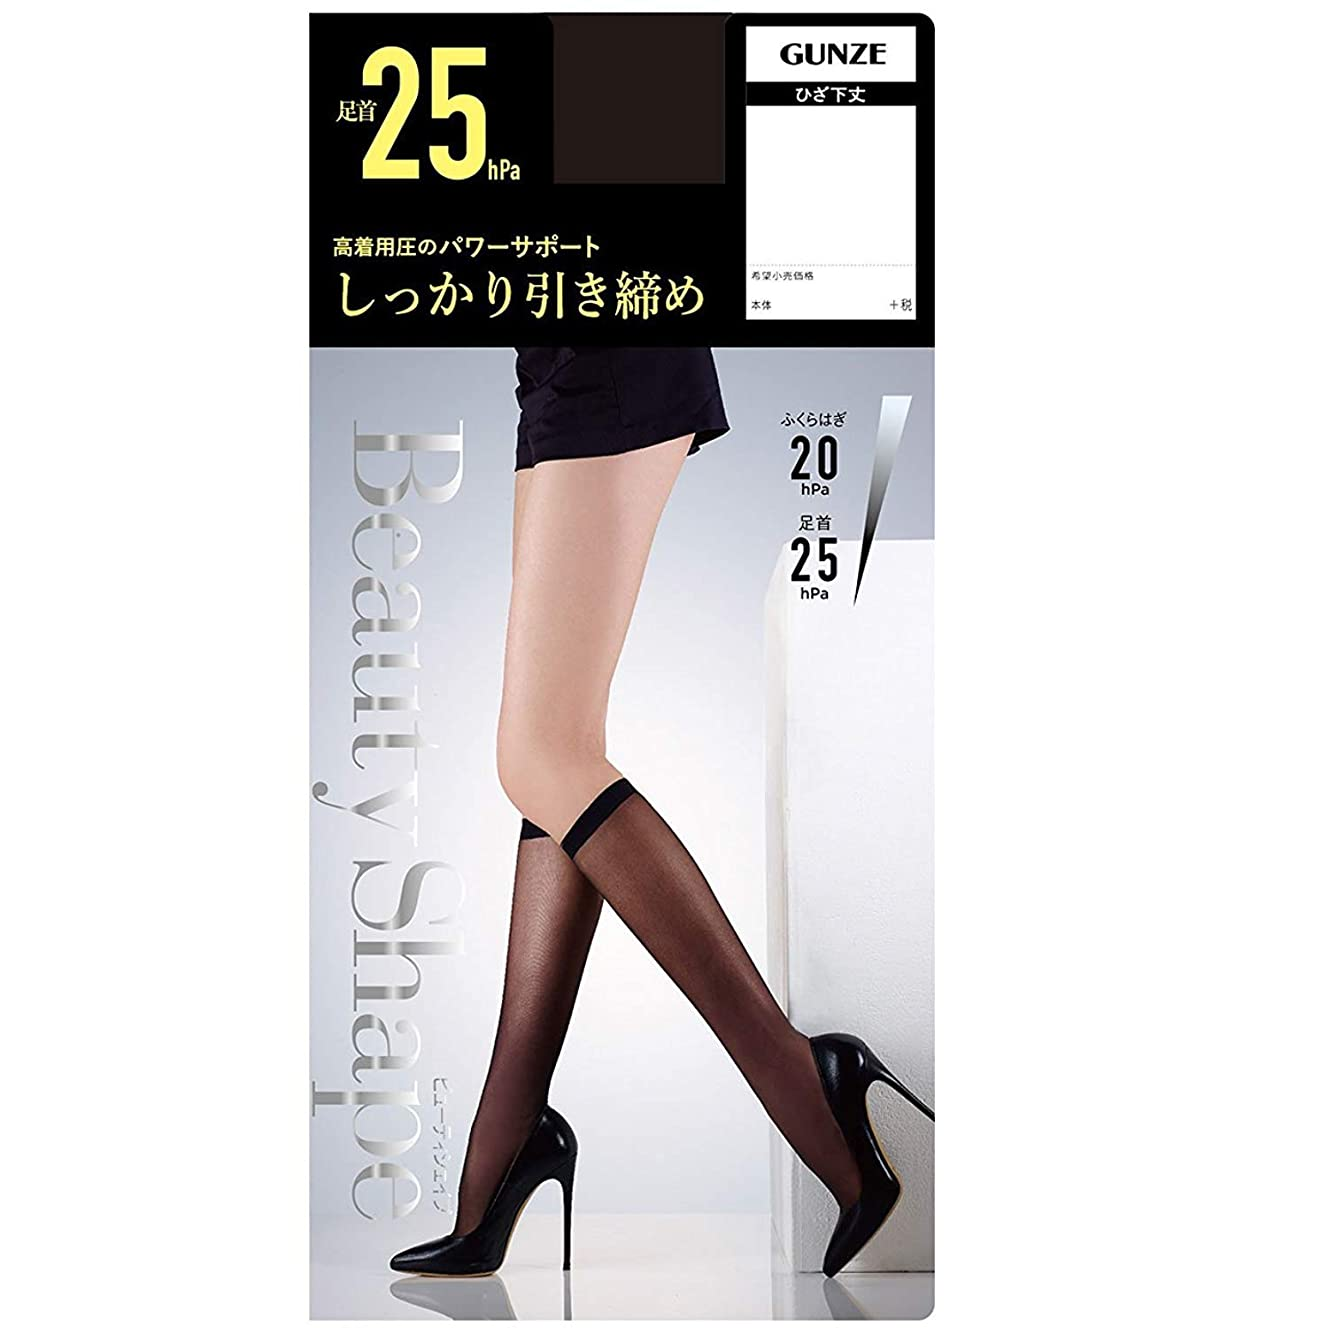 重要気分推定する(グンゼ )GUNZE (ビューティシェイプ)Beauty Shape 25hPa しっかり引き締め 着圧ショートストッキング (026)ブラック L EAS610